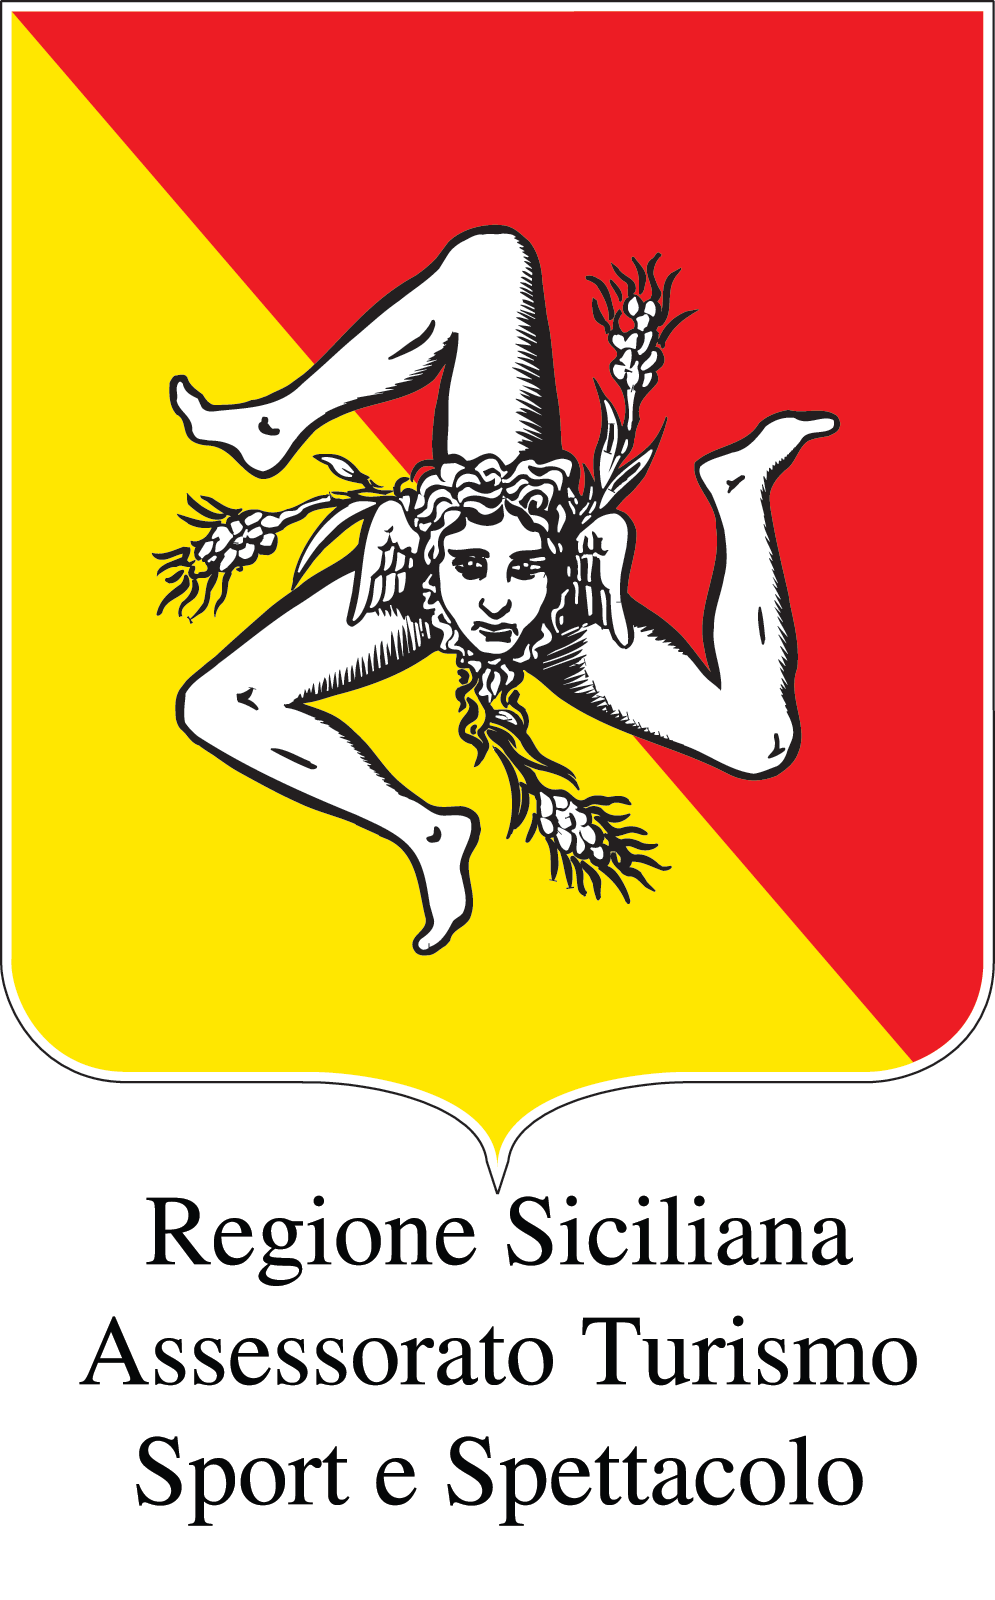 C:\Users\Francesco Anello\Desktop\PREMIO 2019\LOGHI PREMIO\logoregione.Turismo.tif